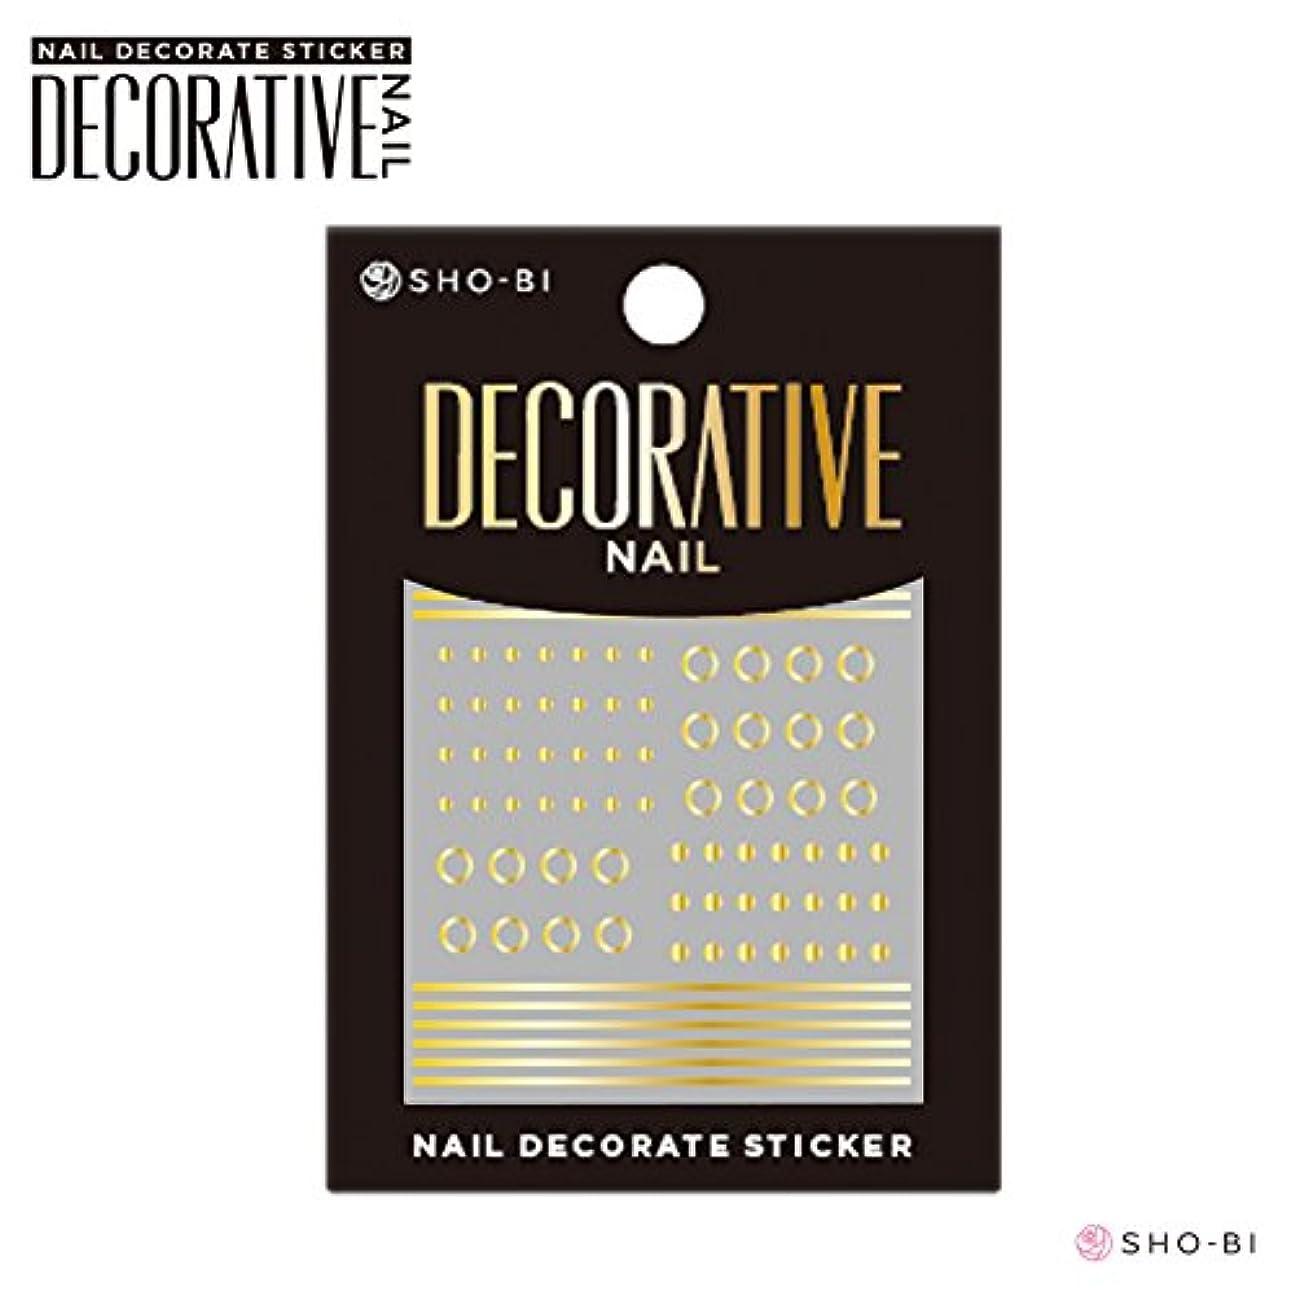 告白禁止するダッシュDecorative Nail デコラティブネイル9